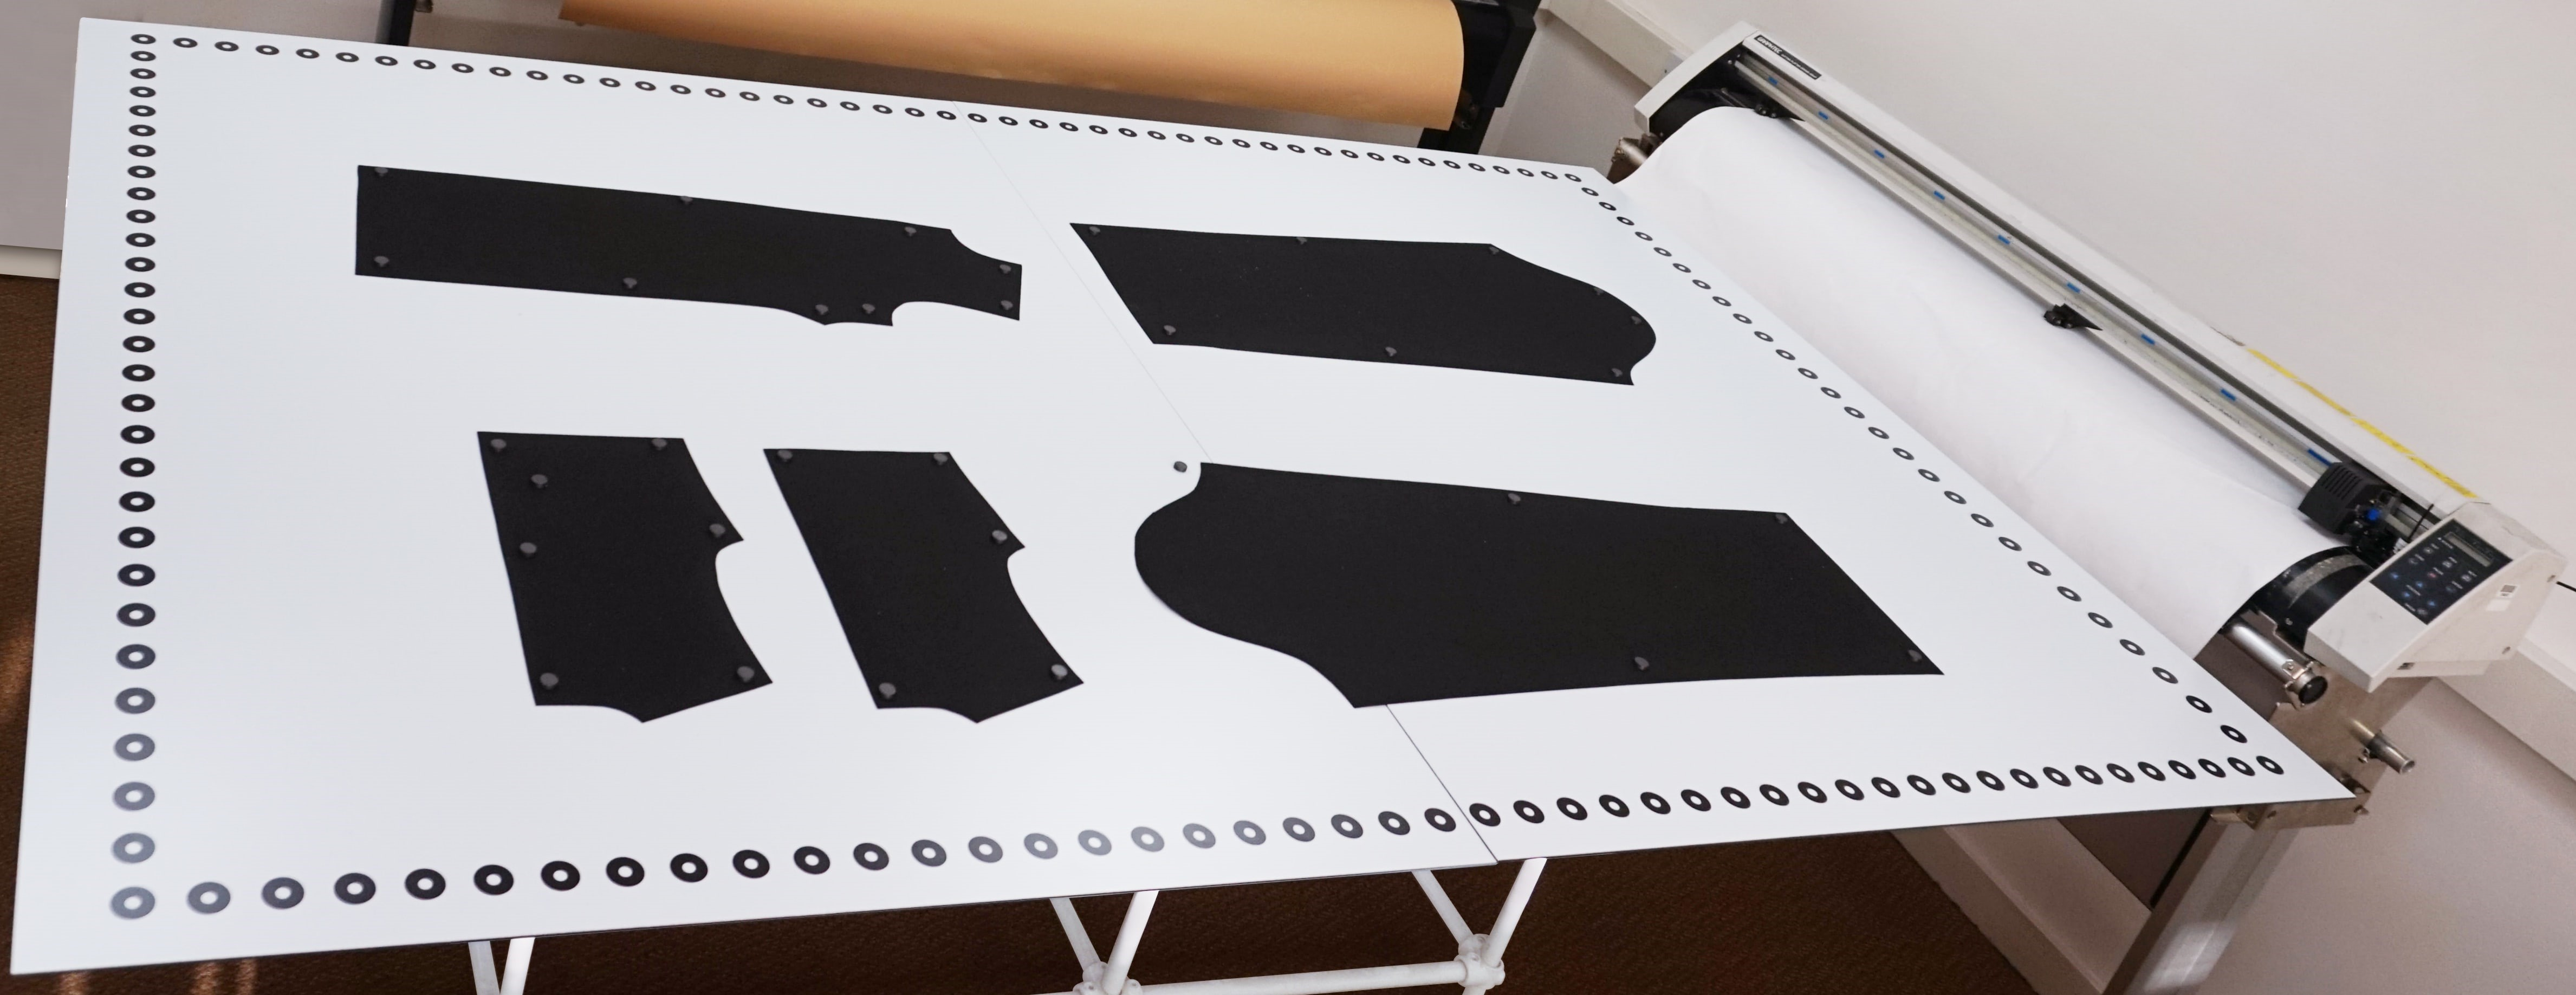 iDigit XL board